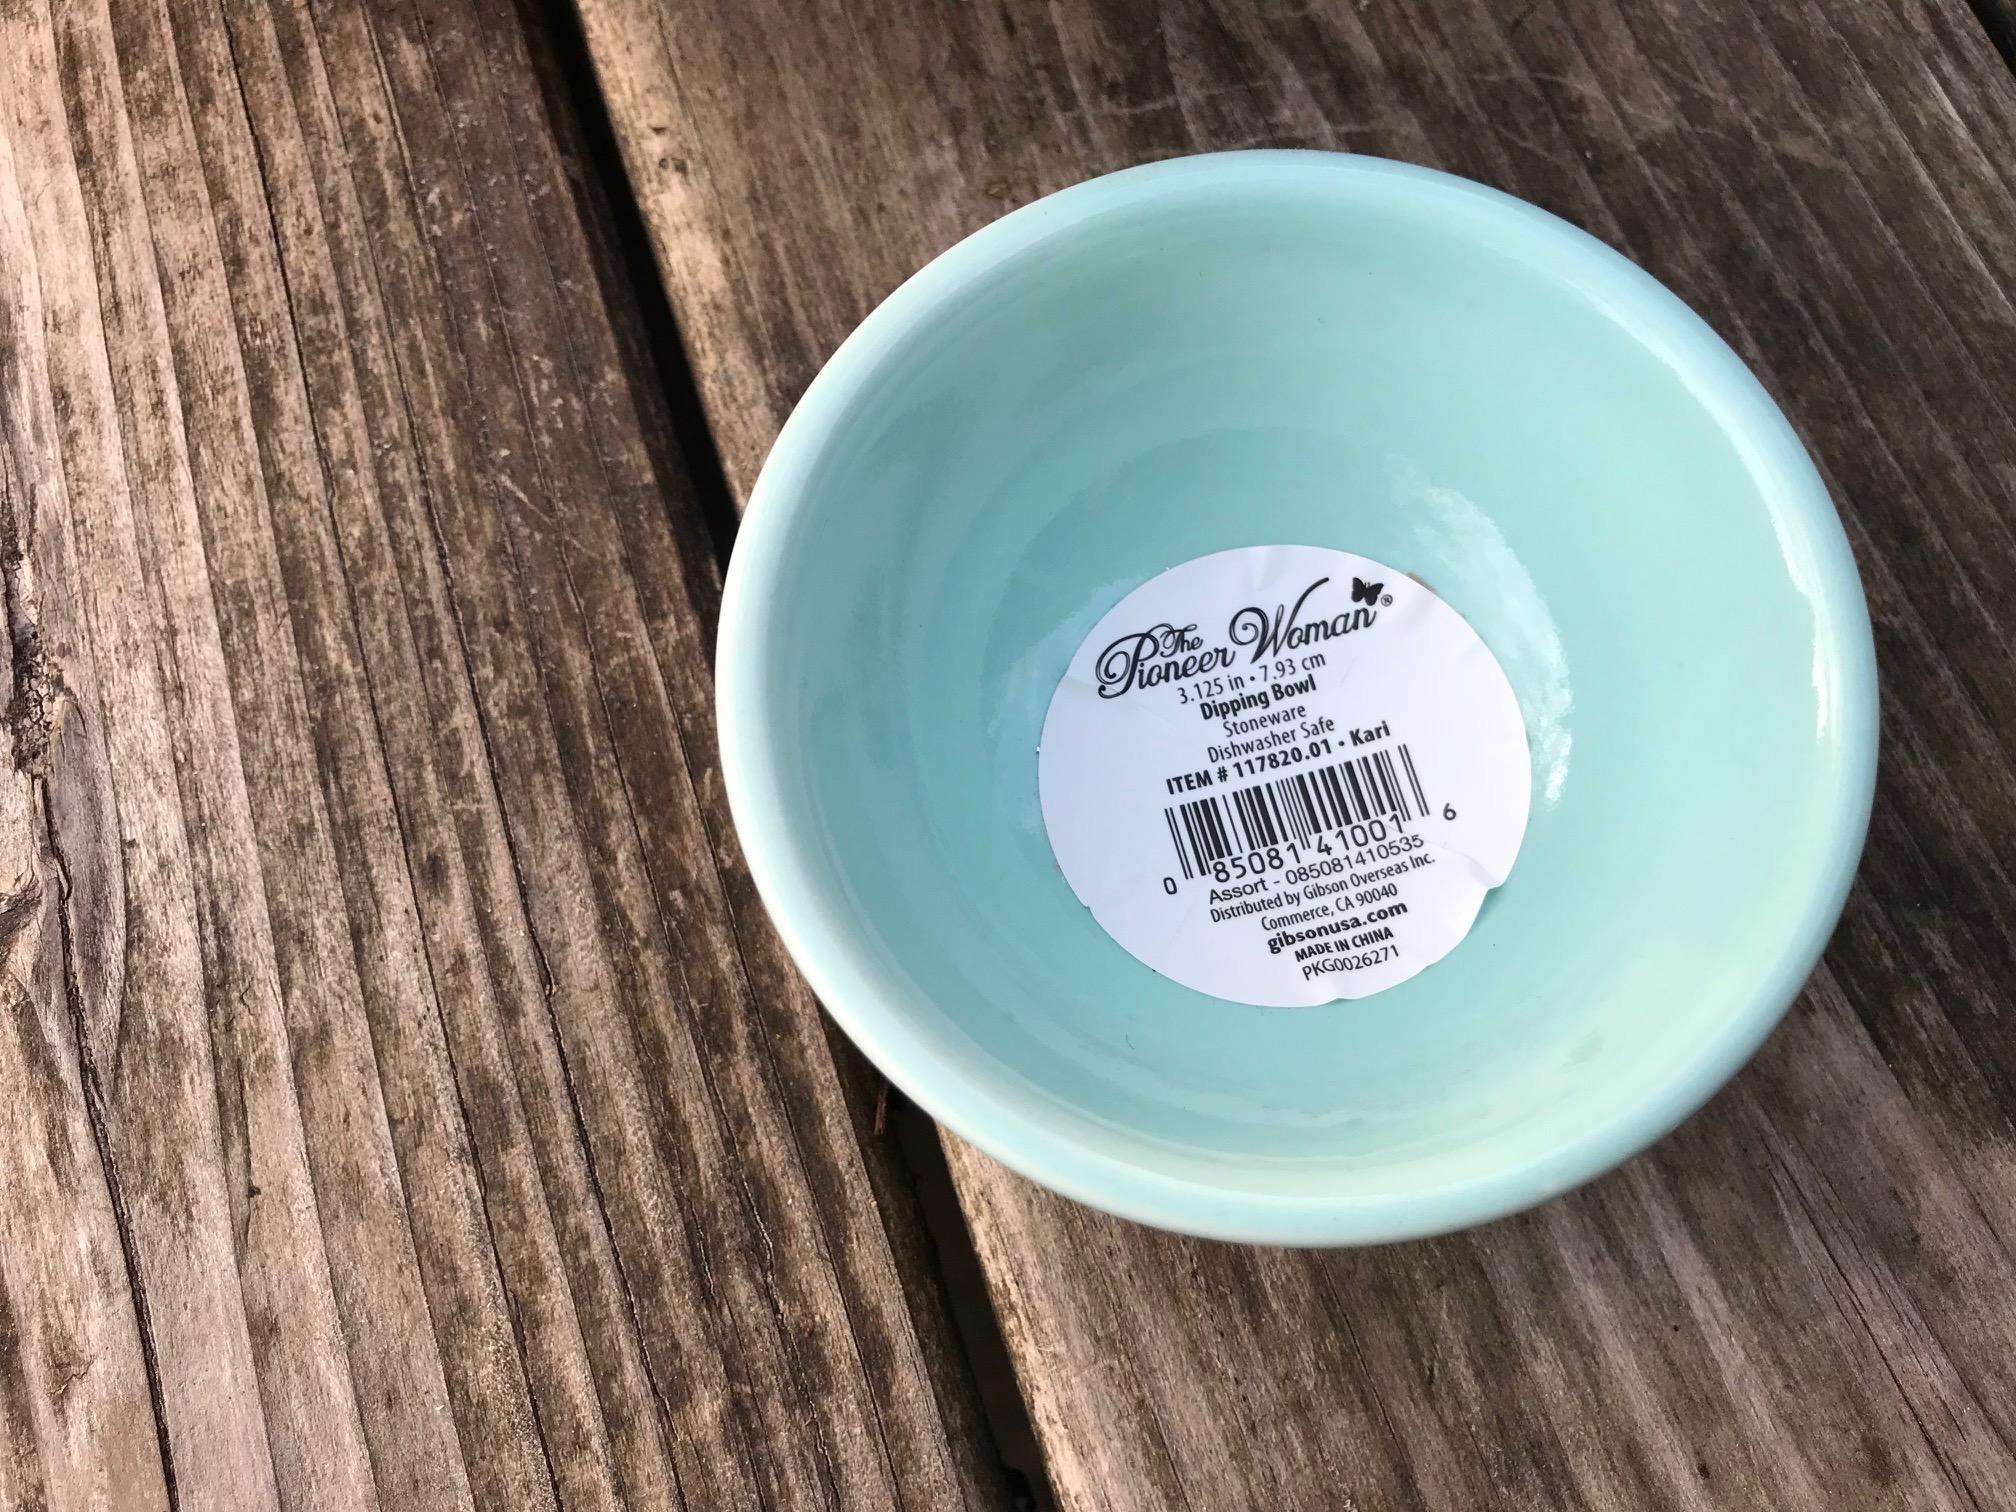 Pioneer Woman Kari Pattern Dipping Bowl: as high as 2,299 ppm Lead